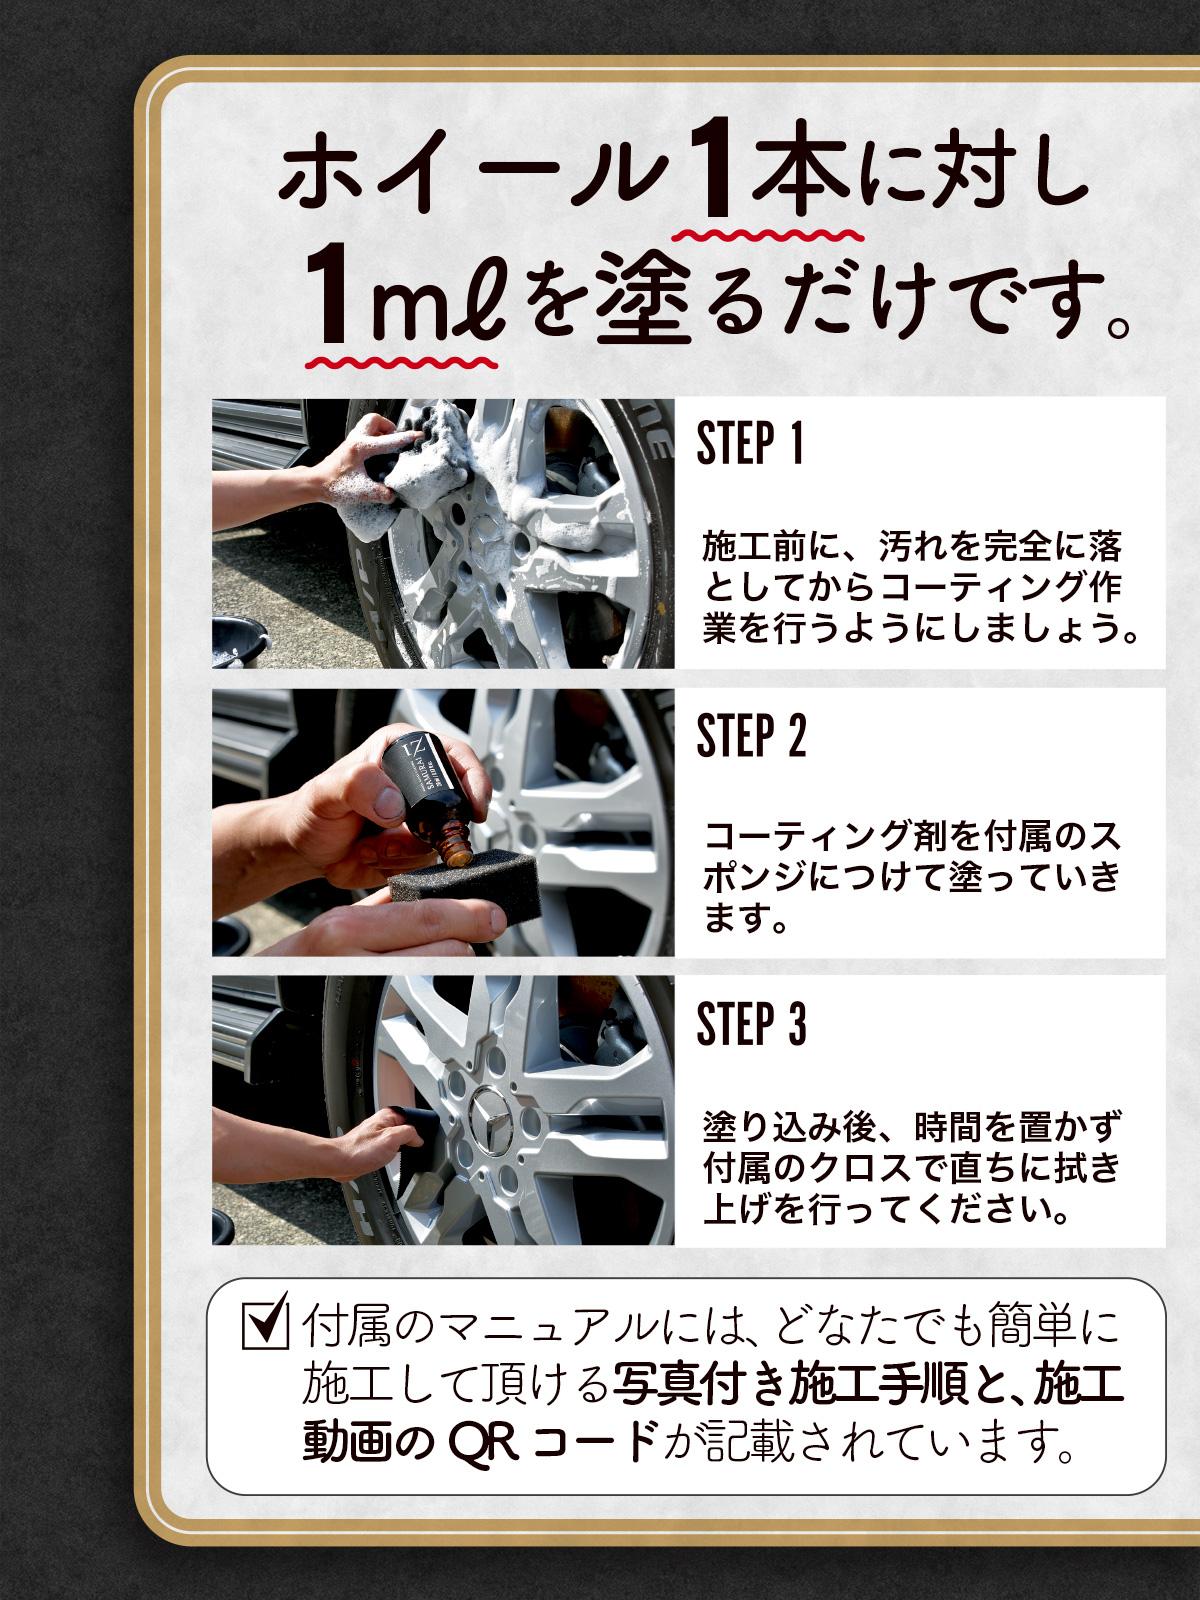 ホイール専用ガラスコーティング SAMURAI Z1【5年耐久 撥水性 完全硬化型 ブレーキダスト防止】